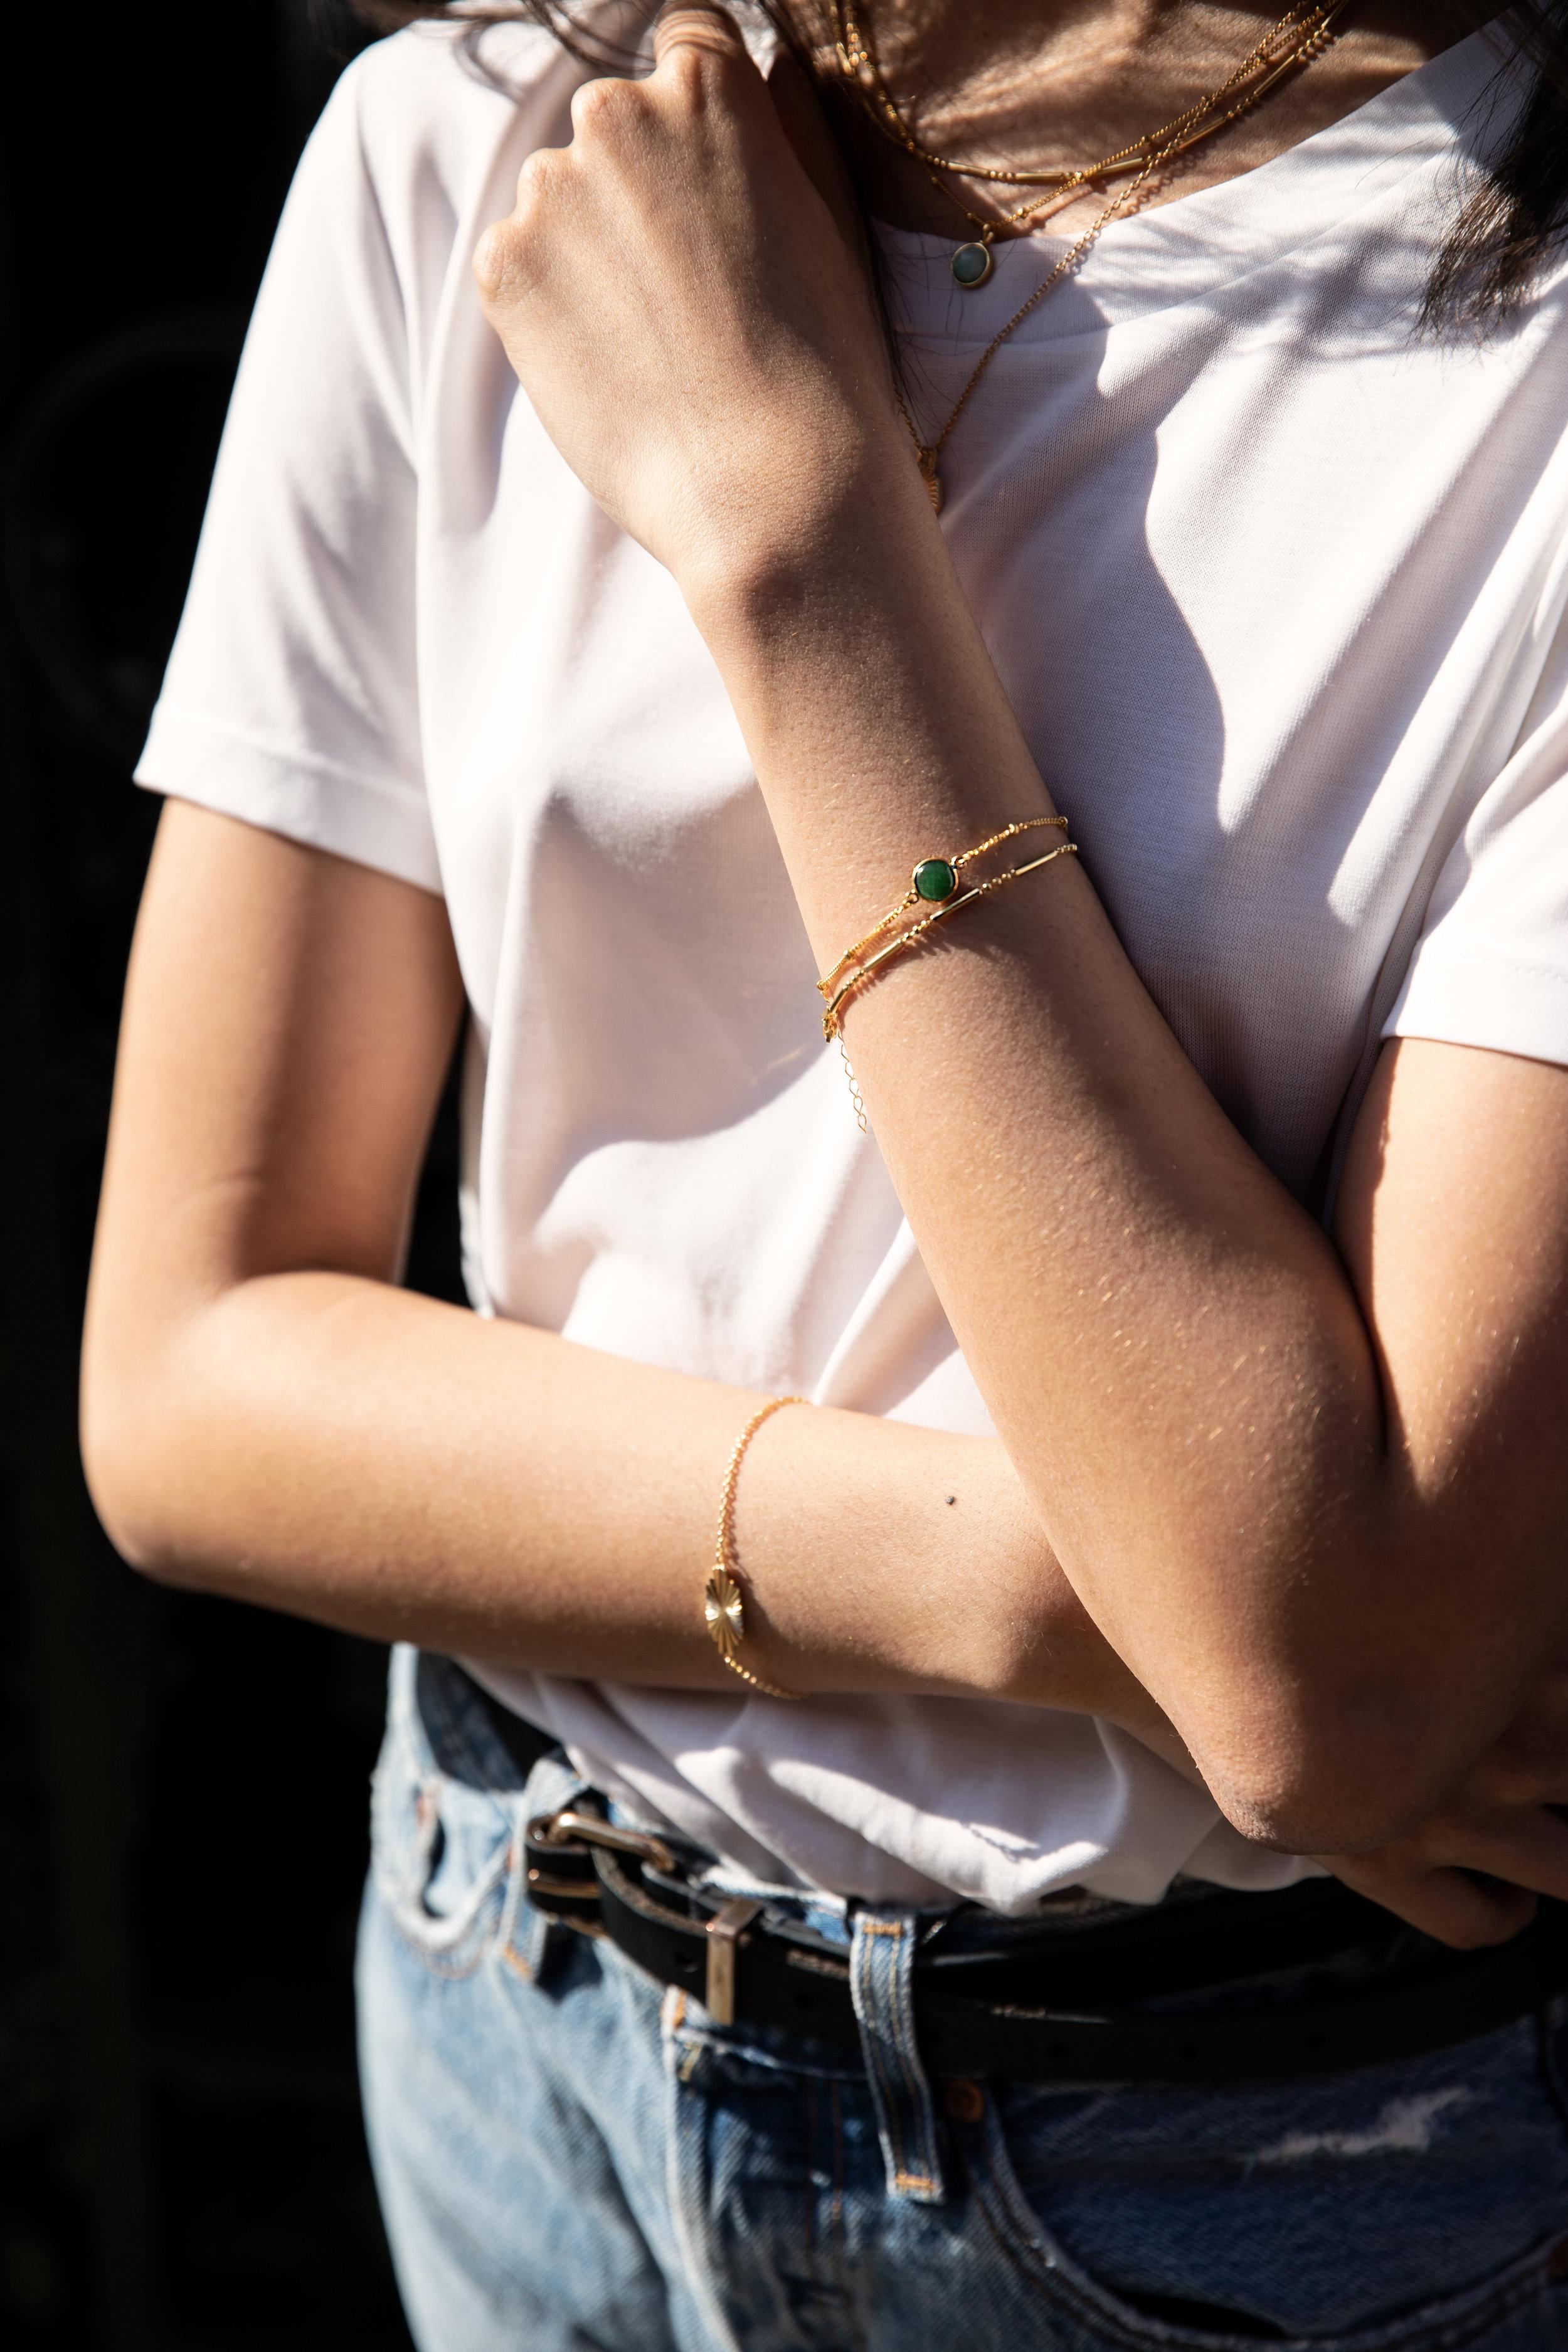 Karolina-kaczynska-daisy-jewellery-4